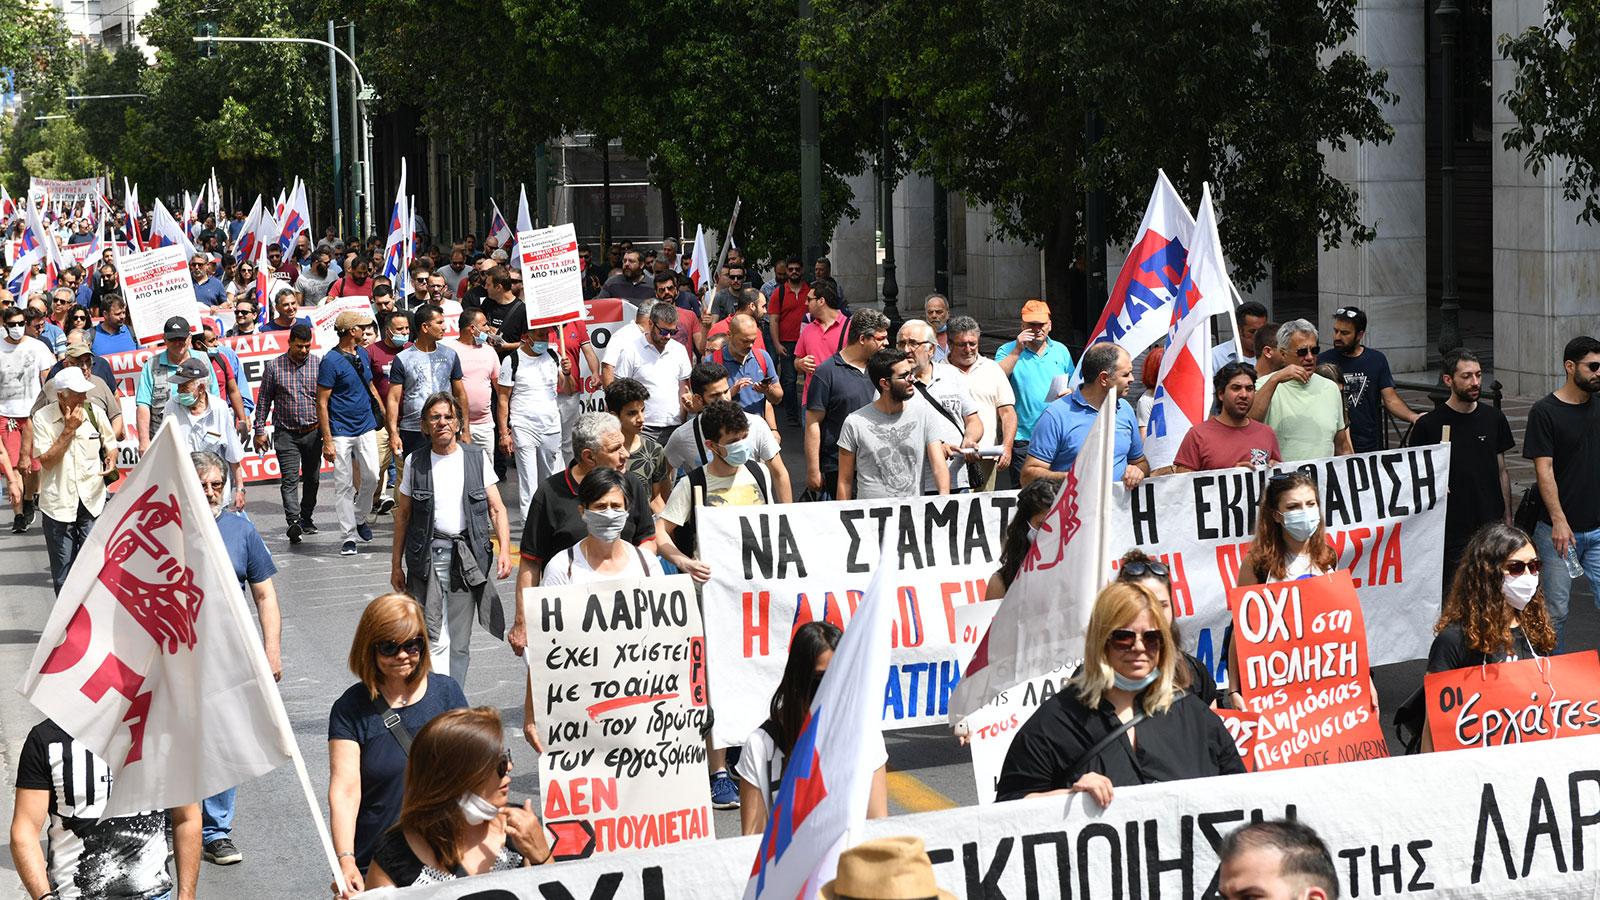 Πραγματοποιήθηκε το συλλαλητήριο για την ΛΑΡΚΟ, Πραγματοποιήθηκε το συλλαλητήριο για την ΛΑΡΚΟ το πρωί του Σαββάτου στο Κέντρο της Αθήνας, Eviathema.gr | Εύβοια Τοπ Νέα Ειδήσεις